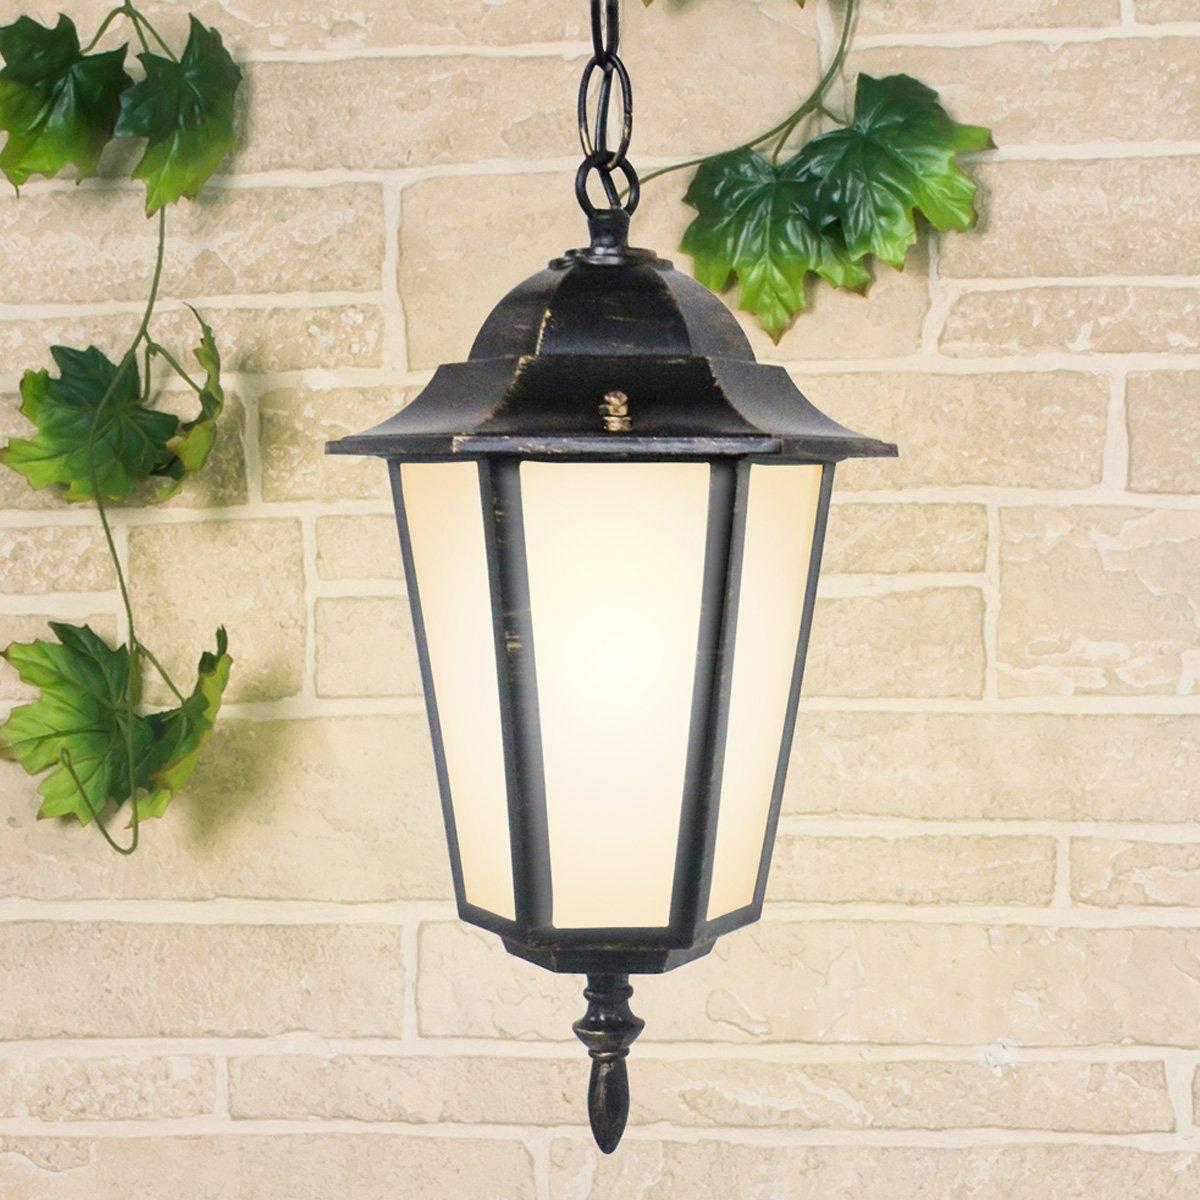 могут включать уличные светильники для сада фото и названия кому